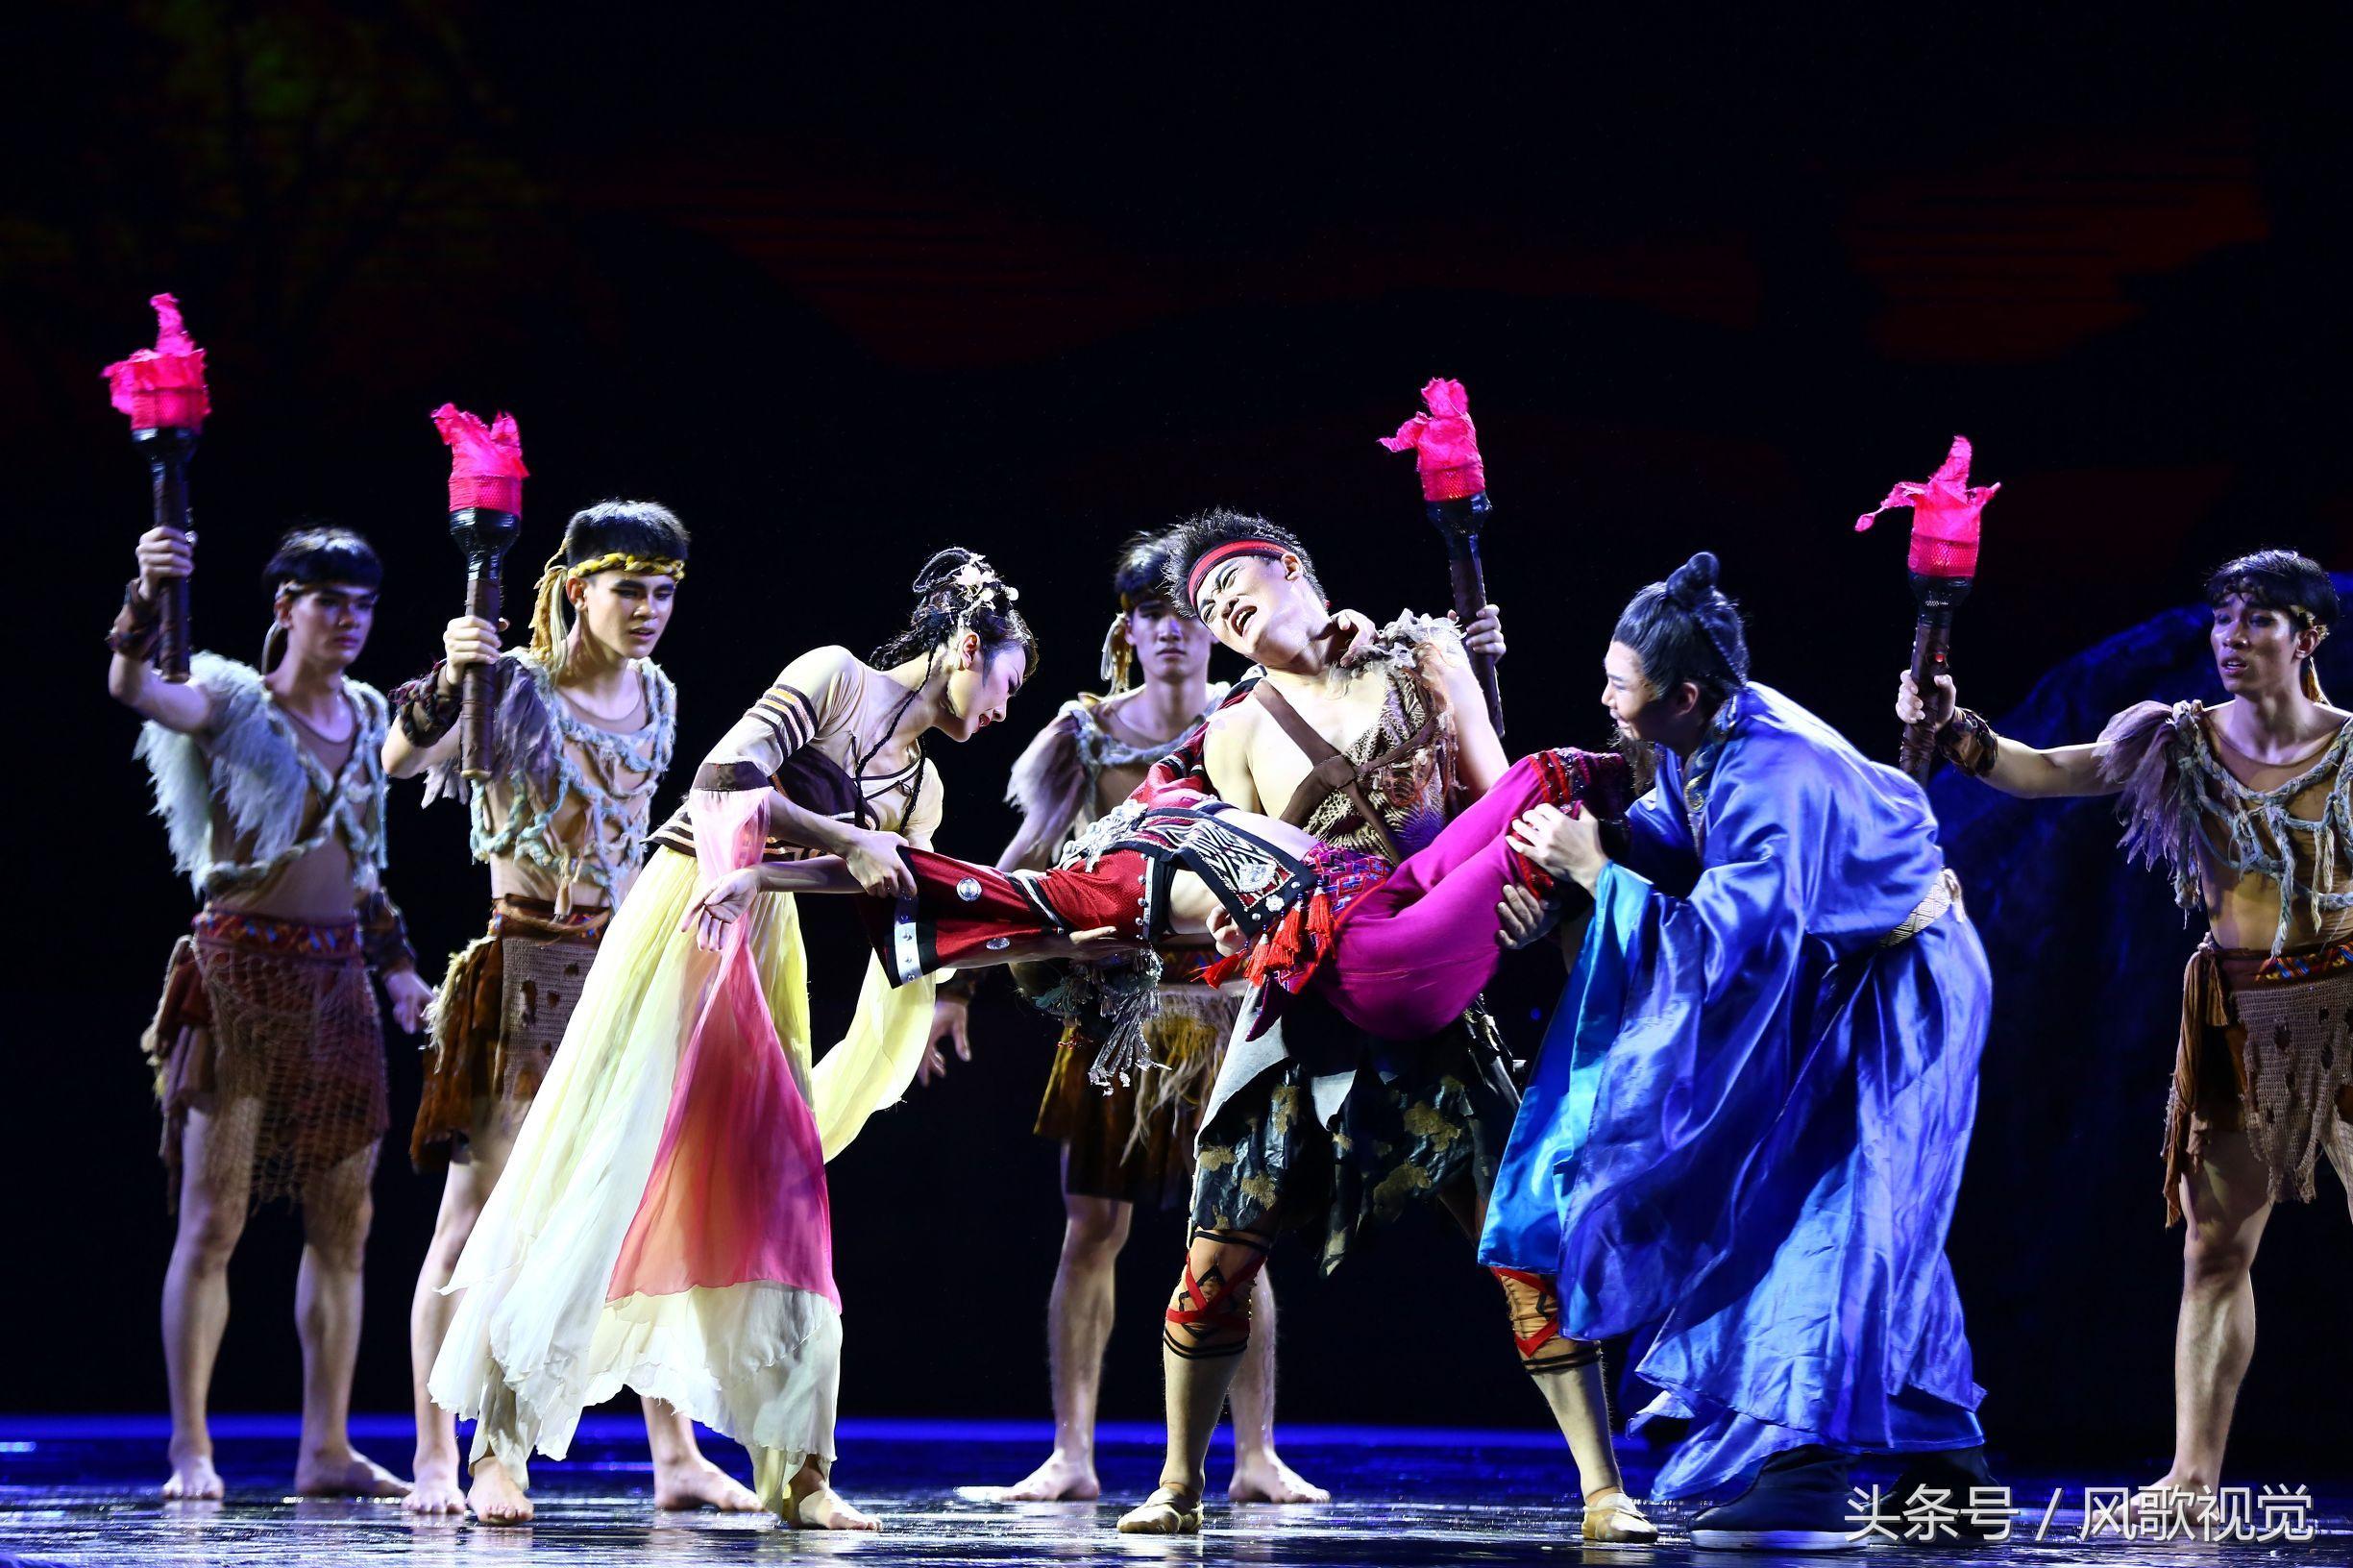 民族舞剧 黄道婆 上演,再现海南黎族民俗和中国古代的纺织文化